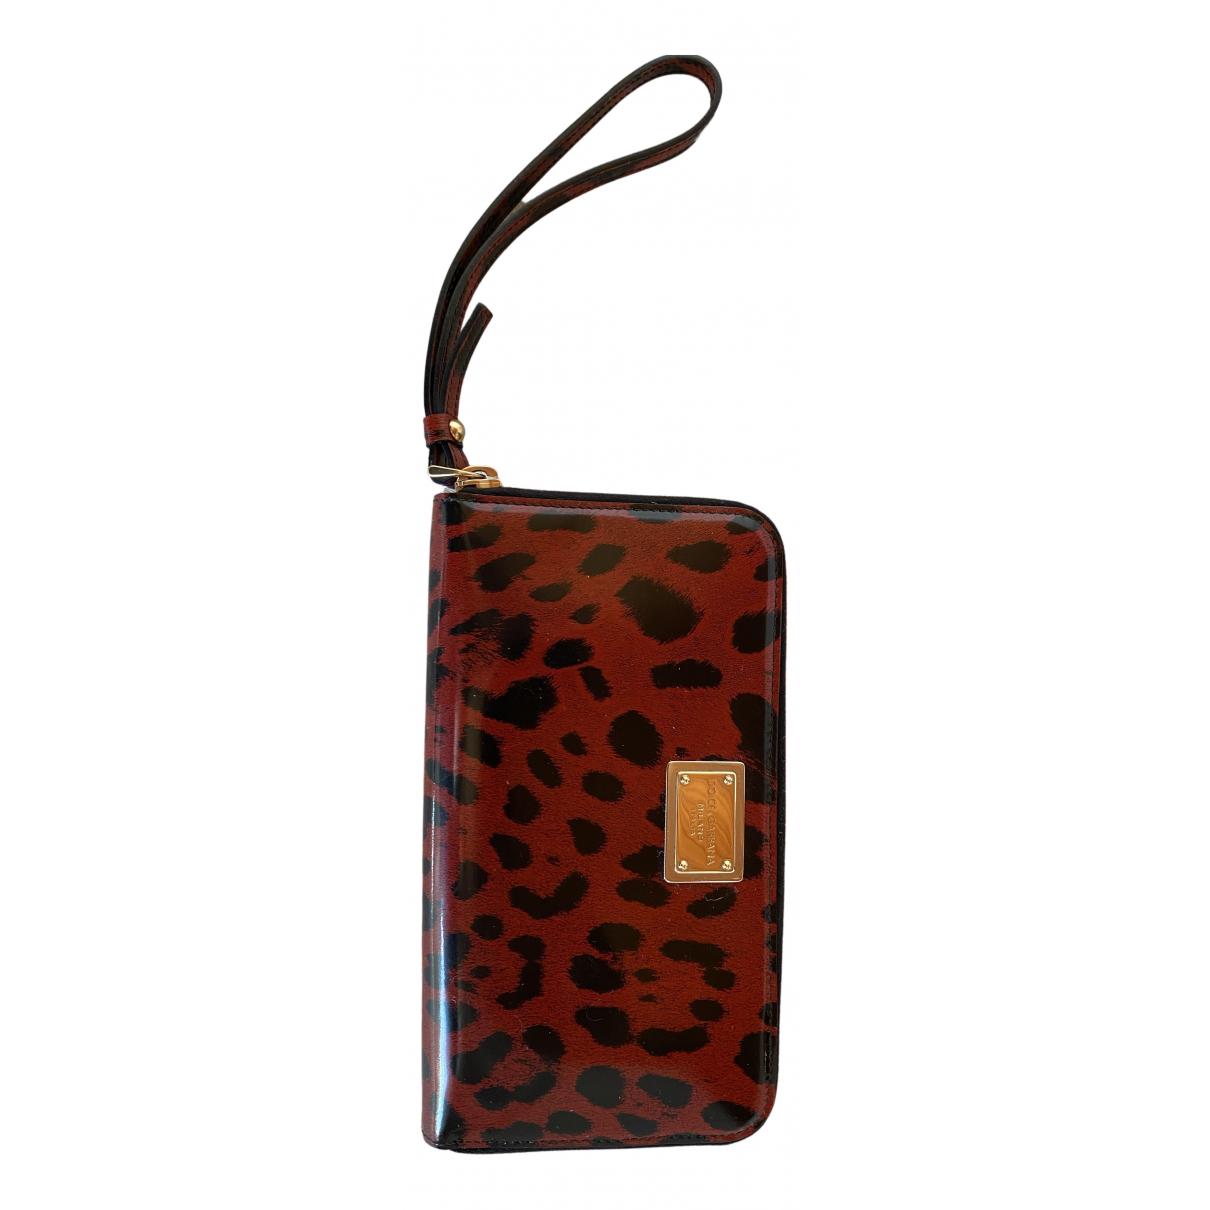 Dolce & Gabbana - Portefeuille   pour femme en cuir verni - rouge